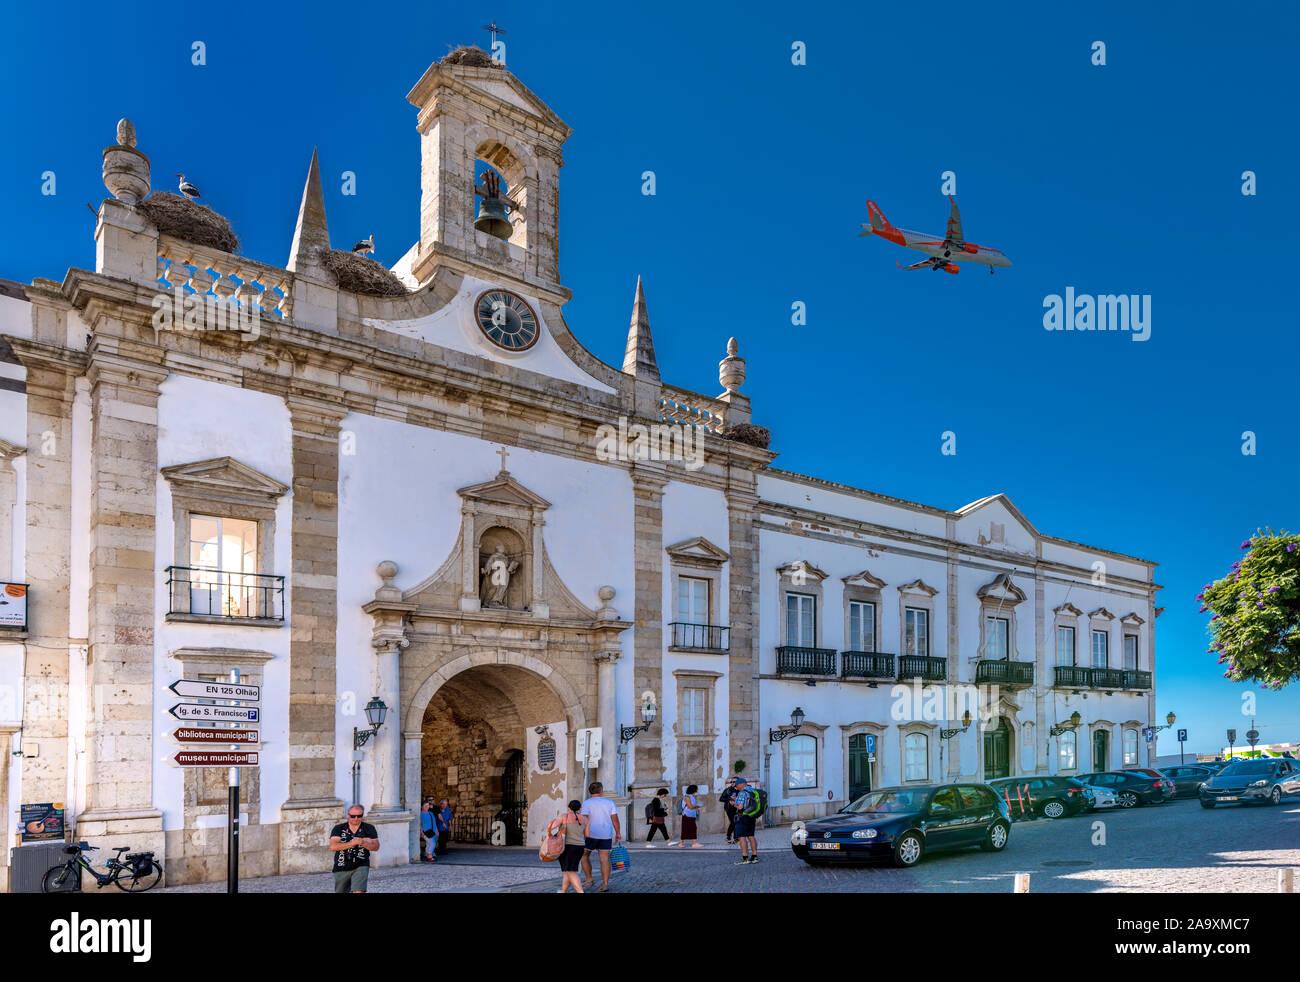 Avión de pasajeros volando sobre el punto de referencia de Faro, Arco da Vila entrando en tierra en el aeropuerto de Faro, Faro, Algarve, Portugal. Foto de stock